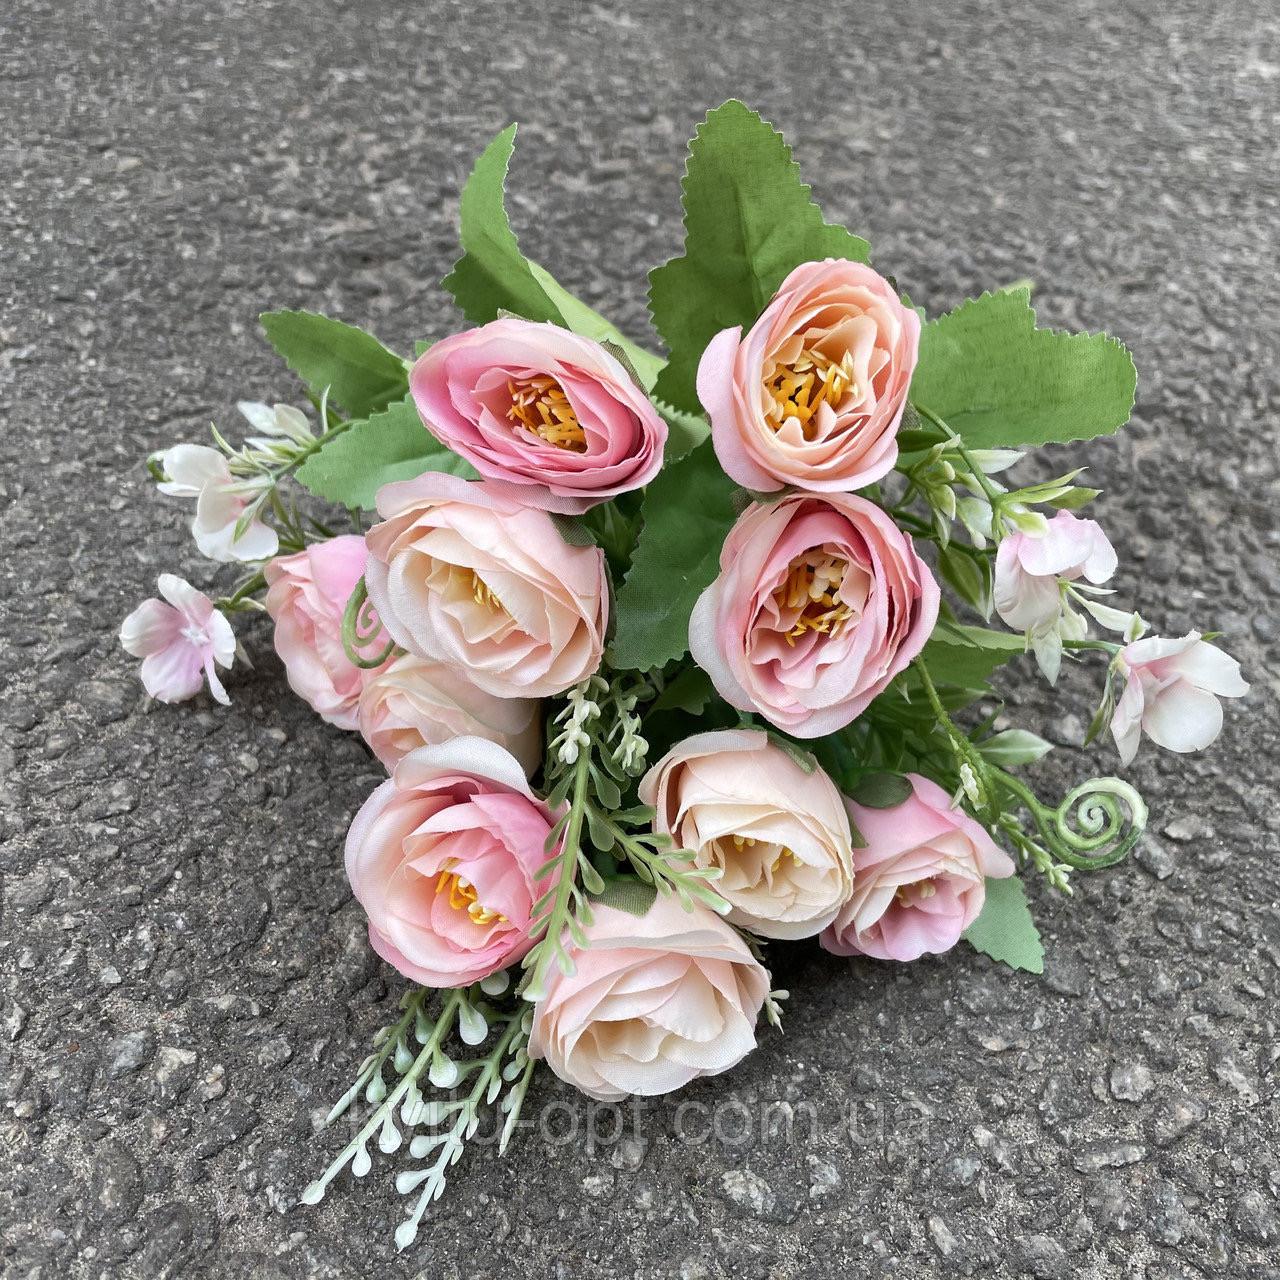 Искусственные цветы букет роза Остин 30см розовый